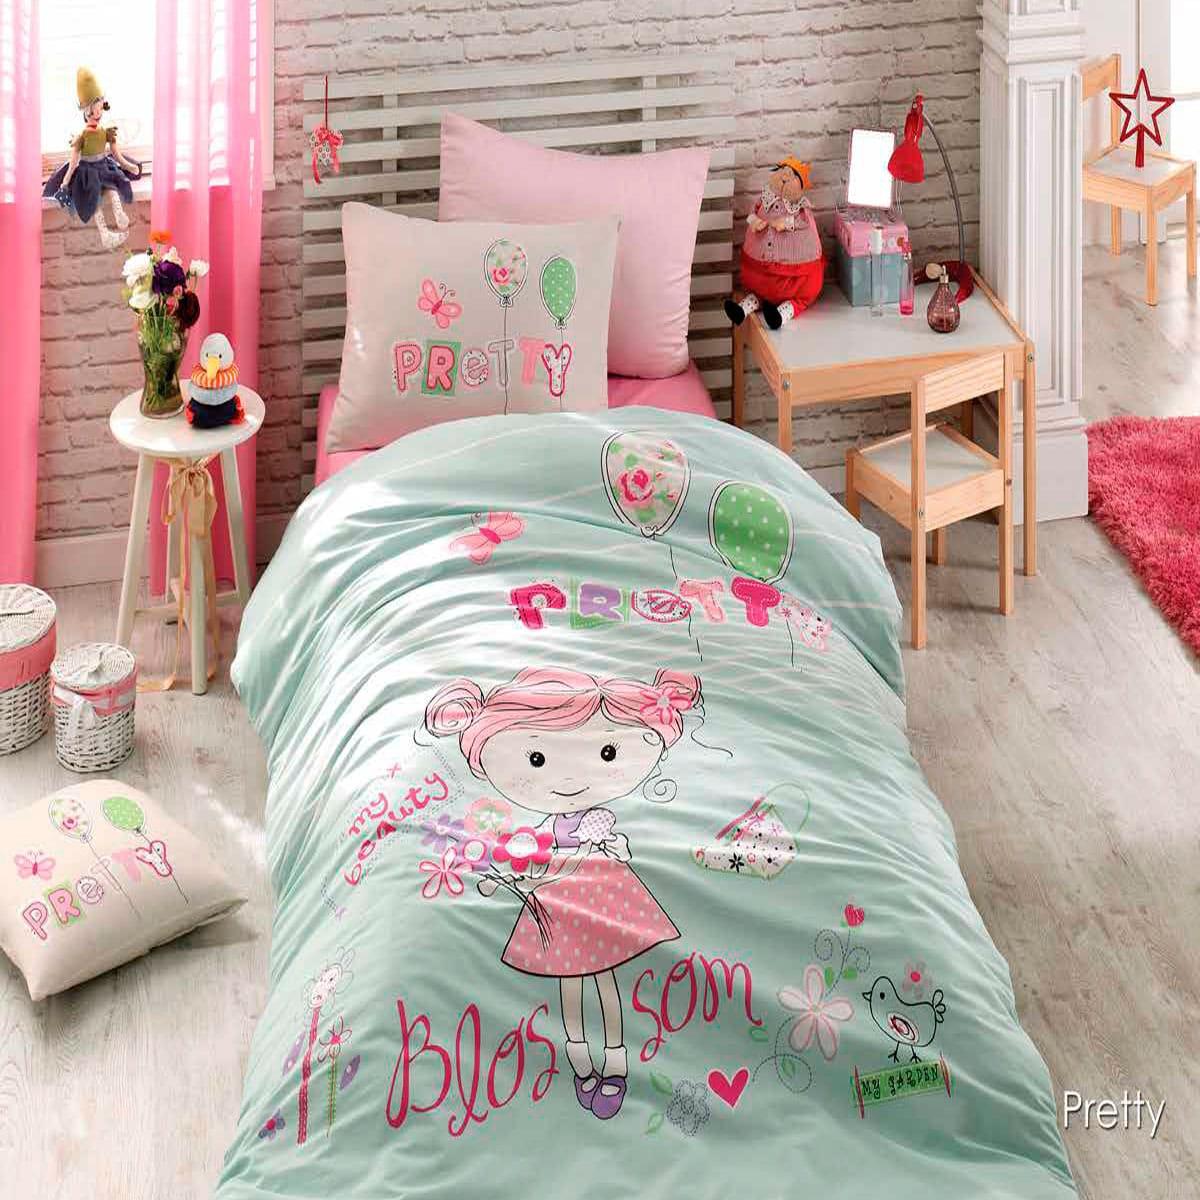 Πάπλωμα Παιδικό Σετ 2τμχ 3078 Pretty Green-Pink Nexttoo Μονό 160x240cm